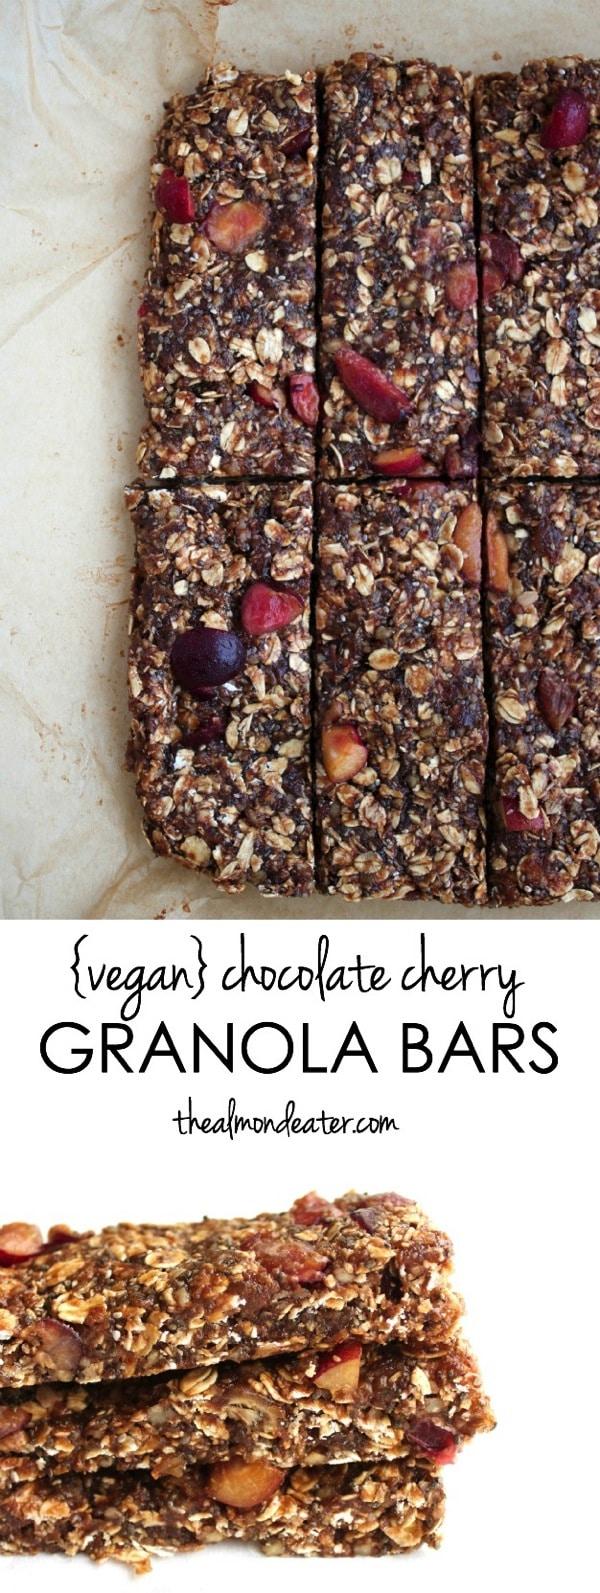 Vegan Chocolate Cherry Granola Bars 123